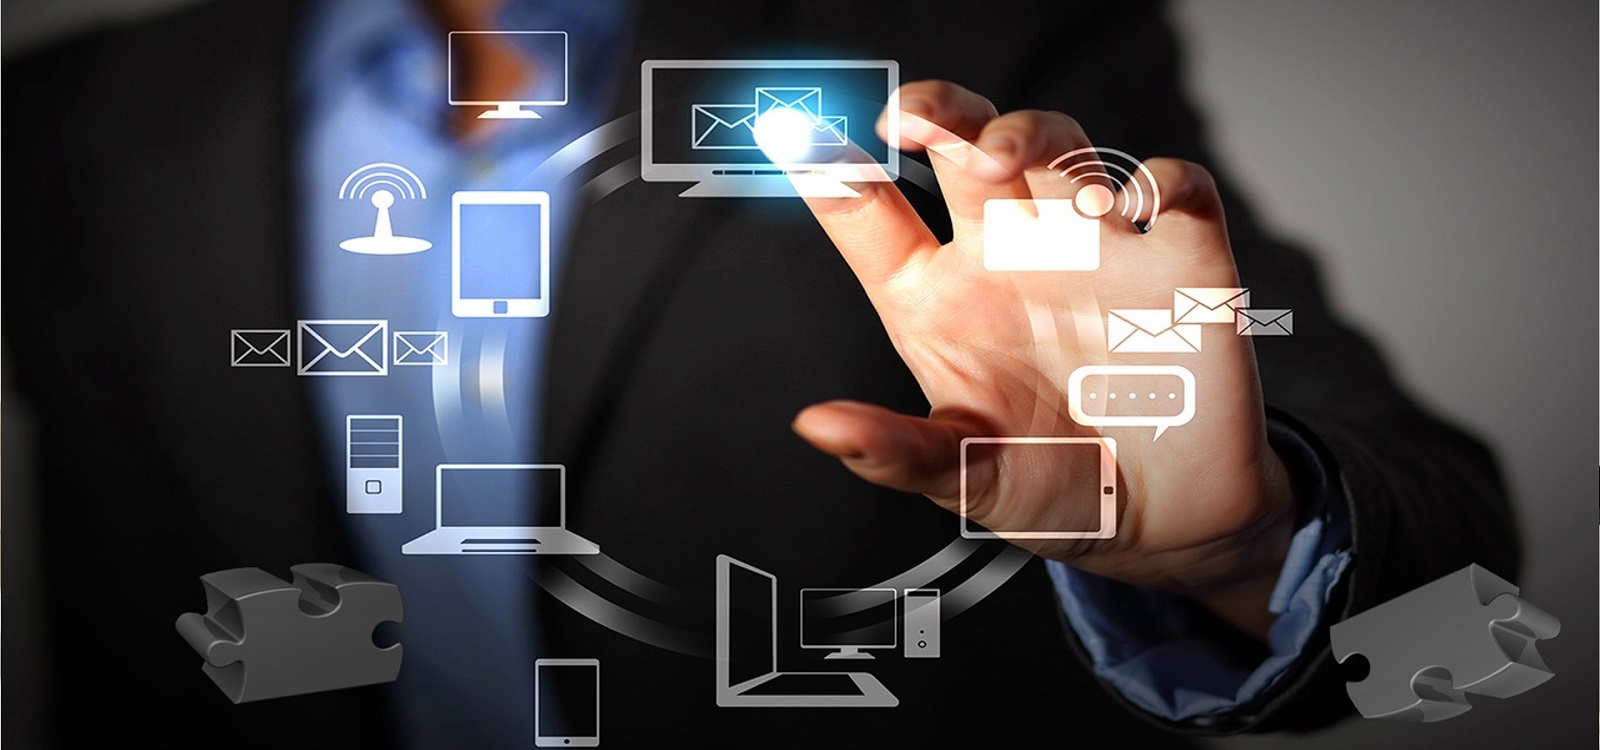 perkhidmatan komputer, pembaikan komputer, pembaikan komputer riba, ia sokongan, Apple pembaikan repairslaptop, membaiki komputer, membaiki pc, penyingkiran virus, pc petak bual, pembaikan Mobile Mac, Kami datang kepada kamu, PC - Mac - Komputer riba - Telefon - Tablet - iPads, Mobile pembaikan Laptop, Mobile membaiki komputer, web Design, membaiki Laptop, Pemulihan Data, sokongan IT, Computer Repair, Betulkan komputer, sokongan, PC Bantuan, hidup, pembaikan PC, Computer Repair, Laptop Repair, PC Repair, Mac pembaikan, Telefon bimbit pembaikan, Apple sokongan pelanggan Nombor Talian bantuan, sokongan Apple Tech, Apple sokongan pelanggan MALAYSIA, Apple teknikal Nombor sokongan, pusat perkhidmatan tablet KL Malaysia, pembaikan tablet KL Malaysia, pembaikan tablet KL Malaysia, pusat pembaikan tablet KL Malaysia, PC Repairs, Laptop Repairs, IT Support, Pemulihan Data, Virus Removal, MacBookPro, imac, macmini, macbook, macpro, sokongan IT dan kontrak rangkaian, komputer membina dan komputer sumber, sandaran komputer dan OS mengembalikan, Perkakasan dan perisian pemasangan, pembaikan komputer dan pembaikan komputer riba, perkhidmatan komputer riba KL Malaysia, pembaikan komputer riba KL Malaysia, pembaikan komputer riba KL Malaysia, Mobile Repair Basingstoke, Laptop Repair Selangore, Laptop Repair Basingstoke, Laptop Repair NEWBURY MALAYSIA, Mobile Repair Selangore, Mobile Repair NEWBURY, membaiki komputer cardiff, epal pembaikan peranti cardiff, pembaikan imac cardiff , komputer riba pembaikan cardiff, pembaikan iphone Cardiff, pembaikan pc tempatan di Stanhope, pembaikan profesional pc dalam selangore, pembaikan pc profesional di taman ladang, pembaikan pc tempatan di jalan memerang, pembaikan pc tempatan dalam selangore, pembaikan tablet cardiff, pembaikan komputer riba cardiff, iphone pembaikan cardiff, pemulihan data cardiff, membaiki komputer Cardiff, Laptop Repair, virus Removal, PC Gaming Custom, Computer Repair, masalah wifi, pembaikan komputer riba, penyingkira